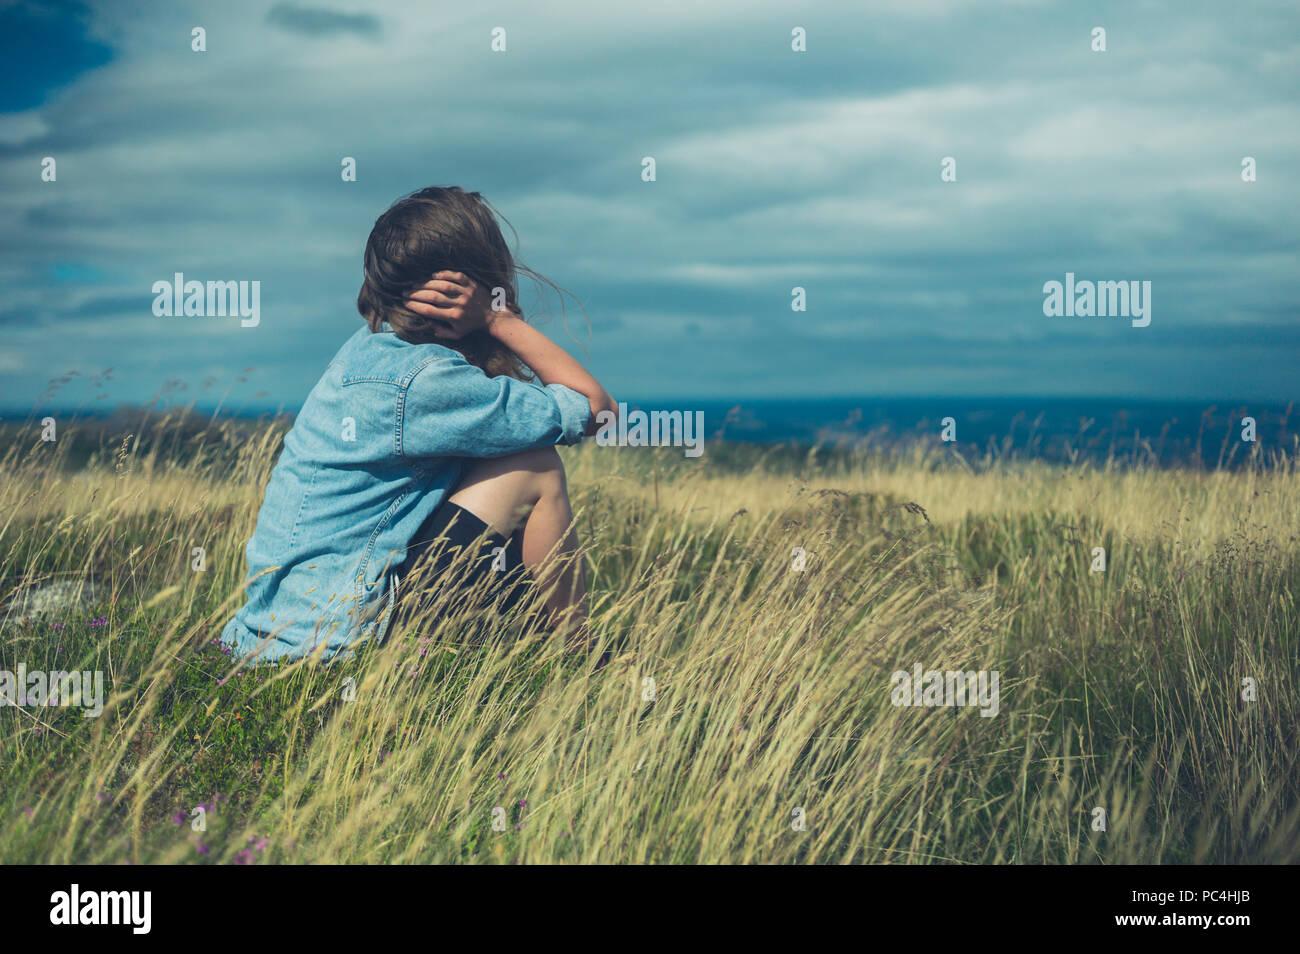 Une femme triste est assis dans un champ par un jour de vent Photo Stock